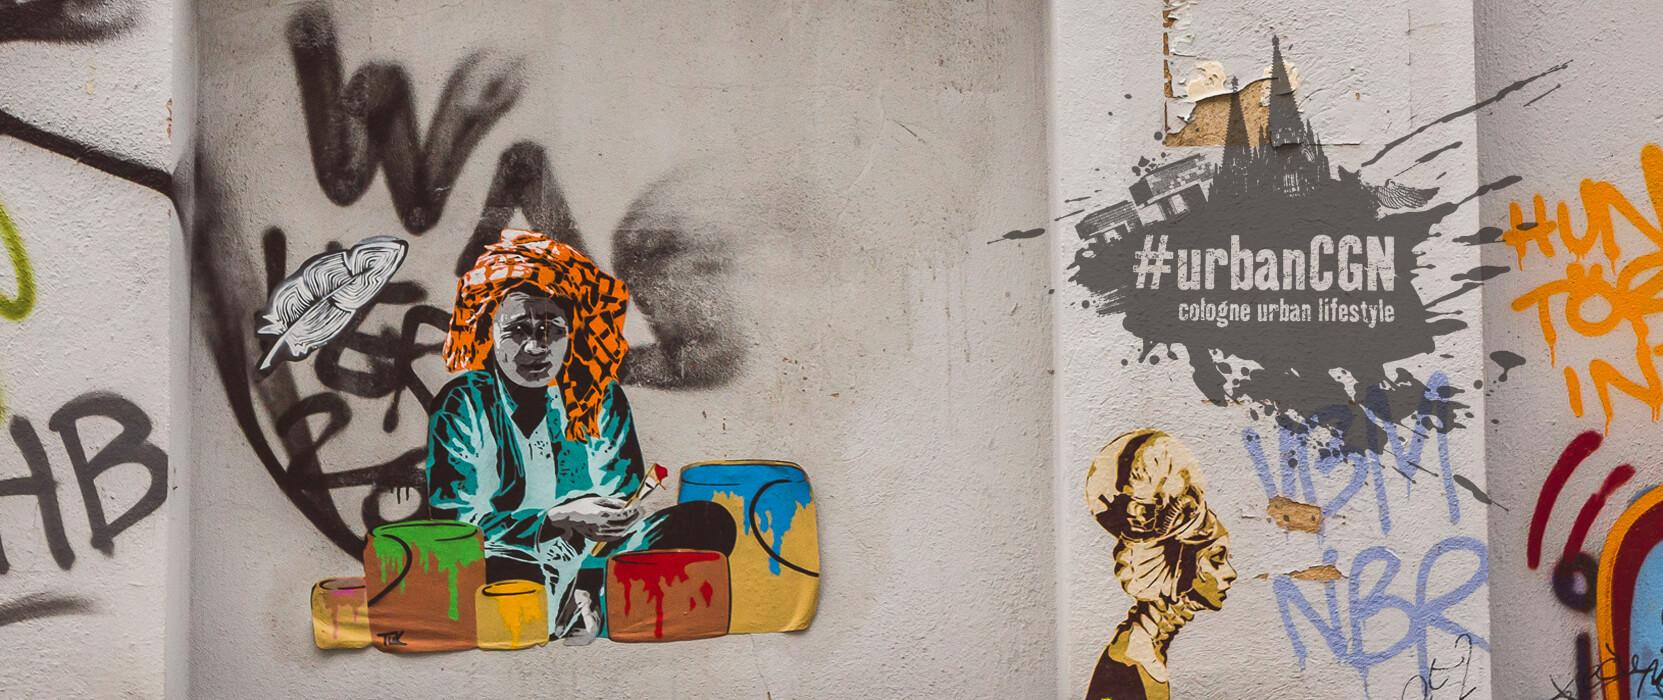 urbanCGN, 01 ©Bilderblitz, KölnTourismus GmbH